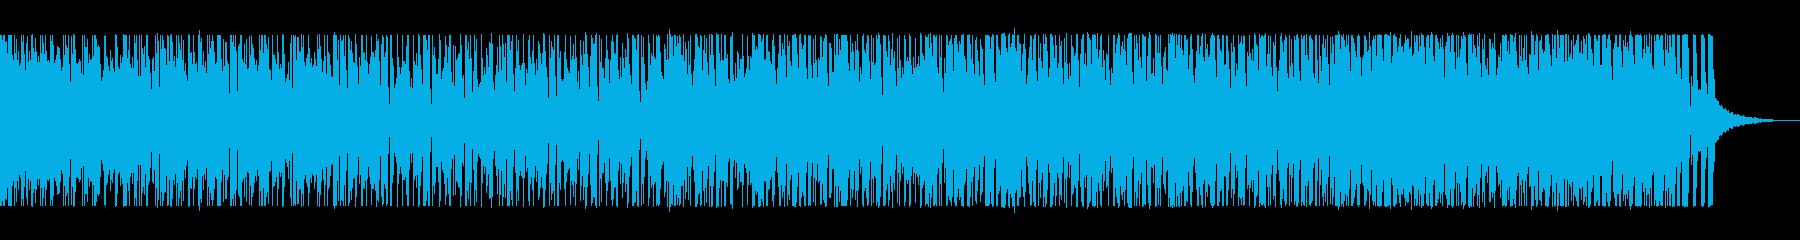 ジャズテイストのリズムに乗れるポップスの再生済みの波形